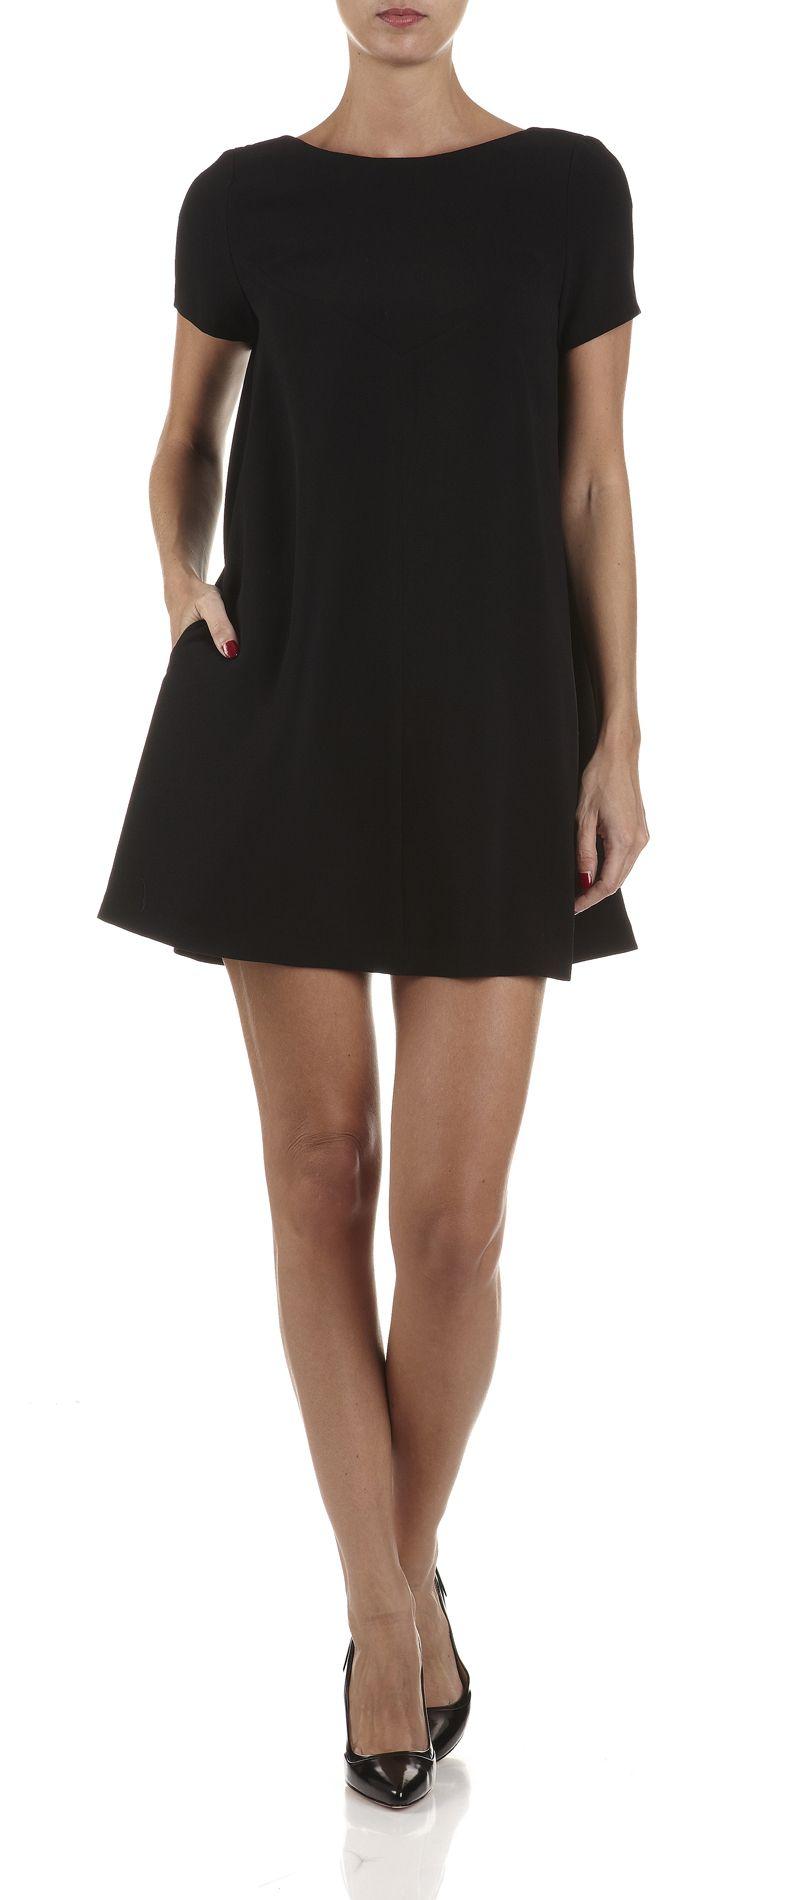 Robe trapèze en crêpe Noir by TARA JARMON   robe crepe   Pinterest ... 9fdb5ca97052